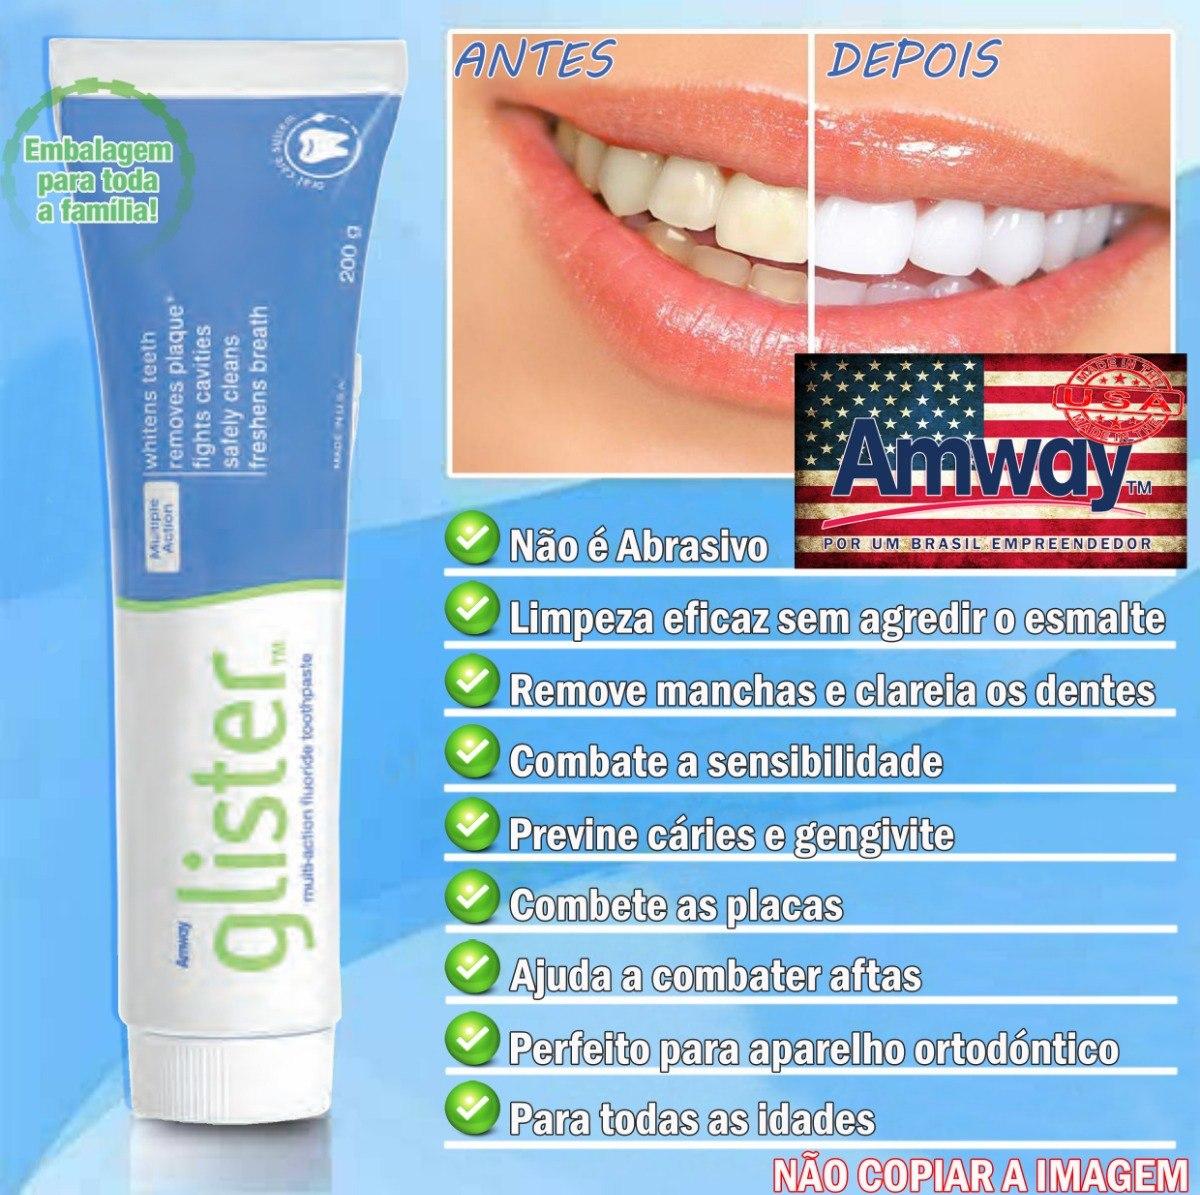 Glister Creme Dental 200g Pasta De Dente 6 Unidade Amway Eua R